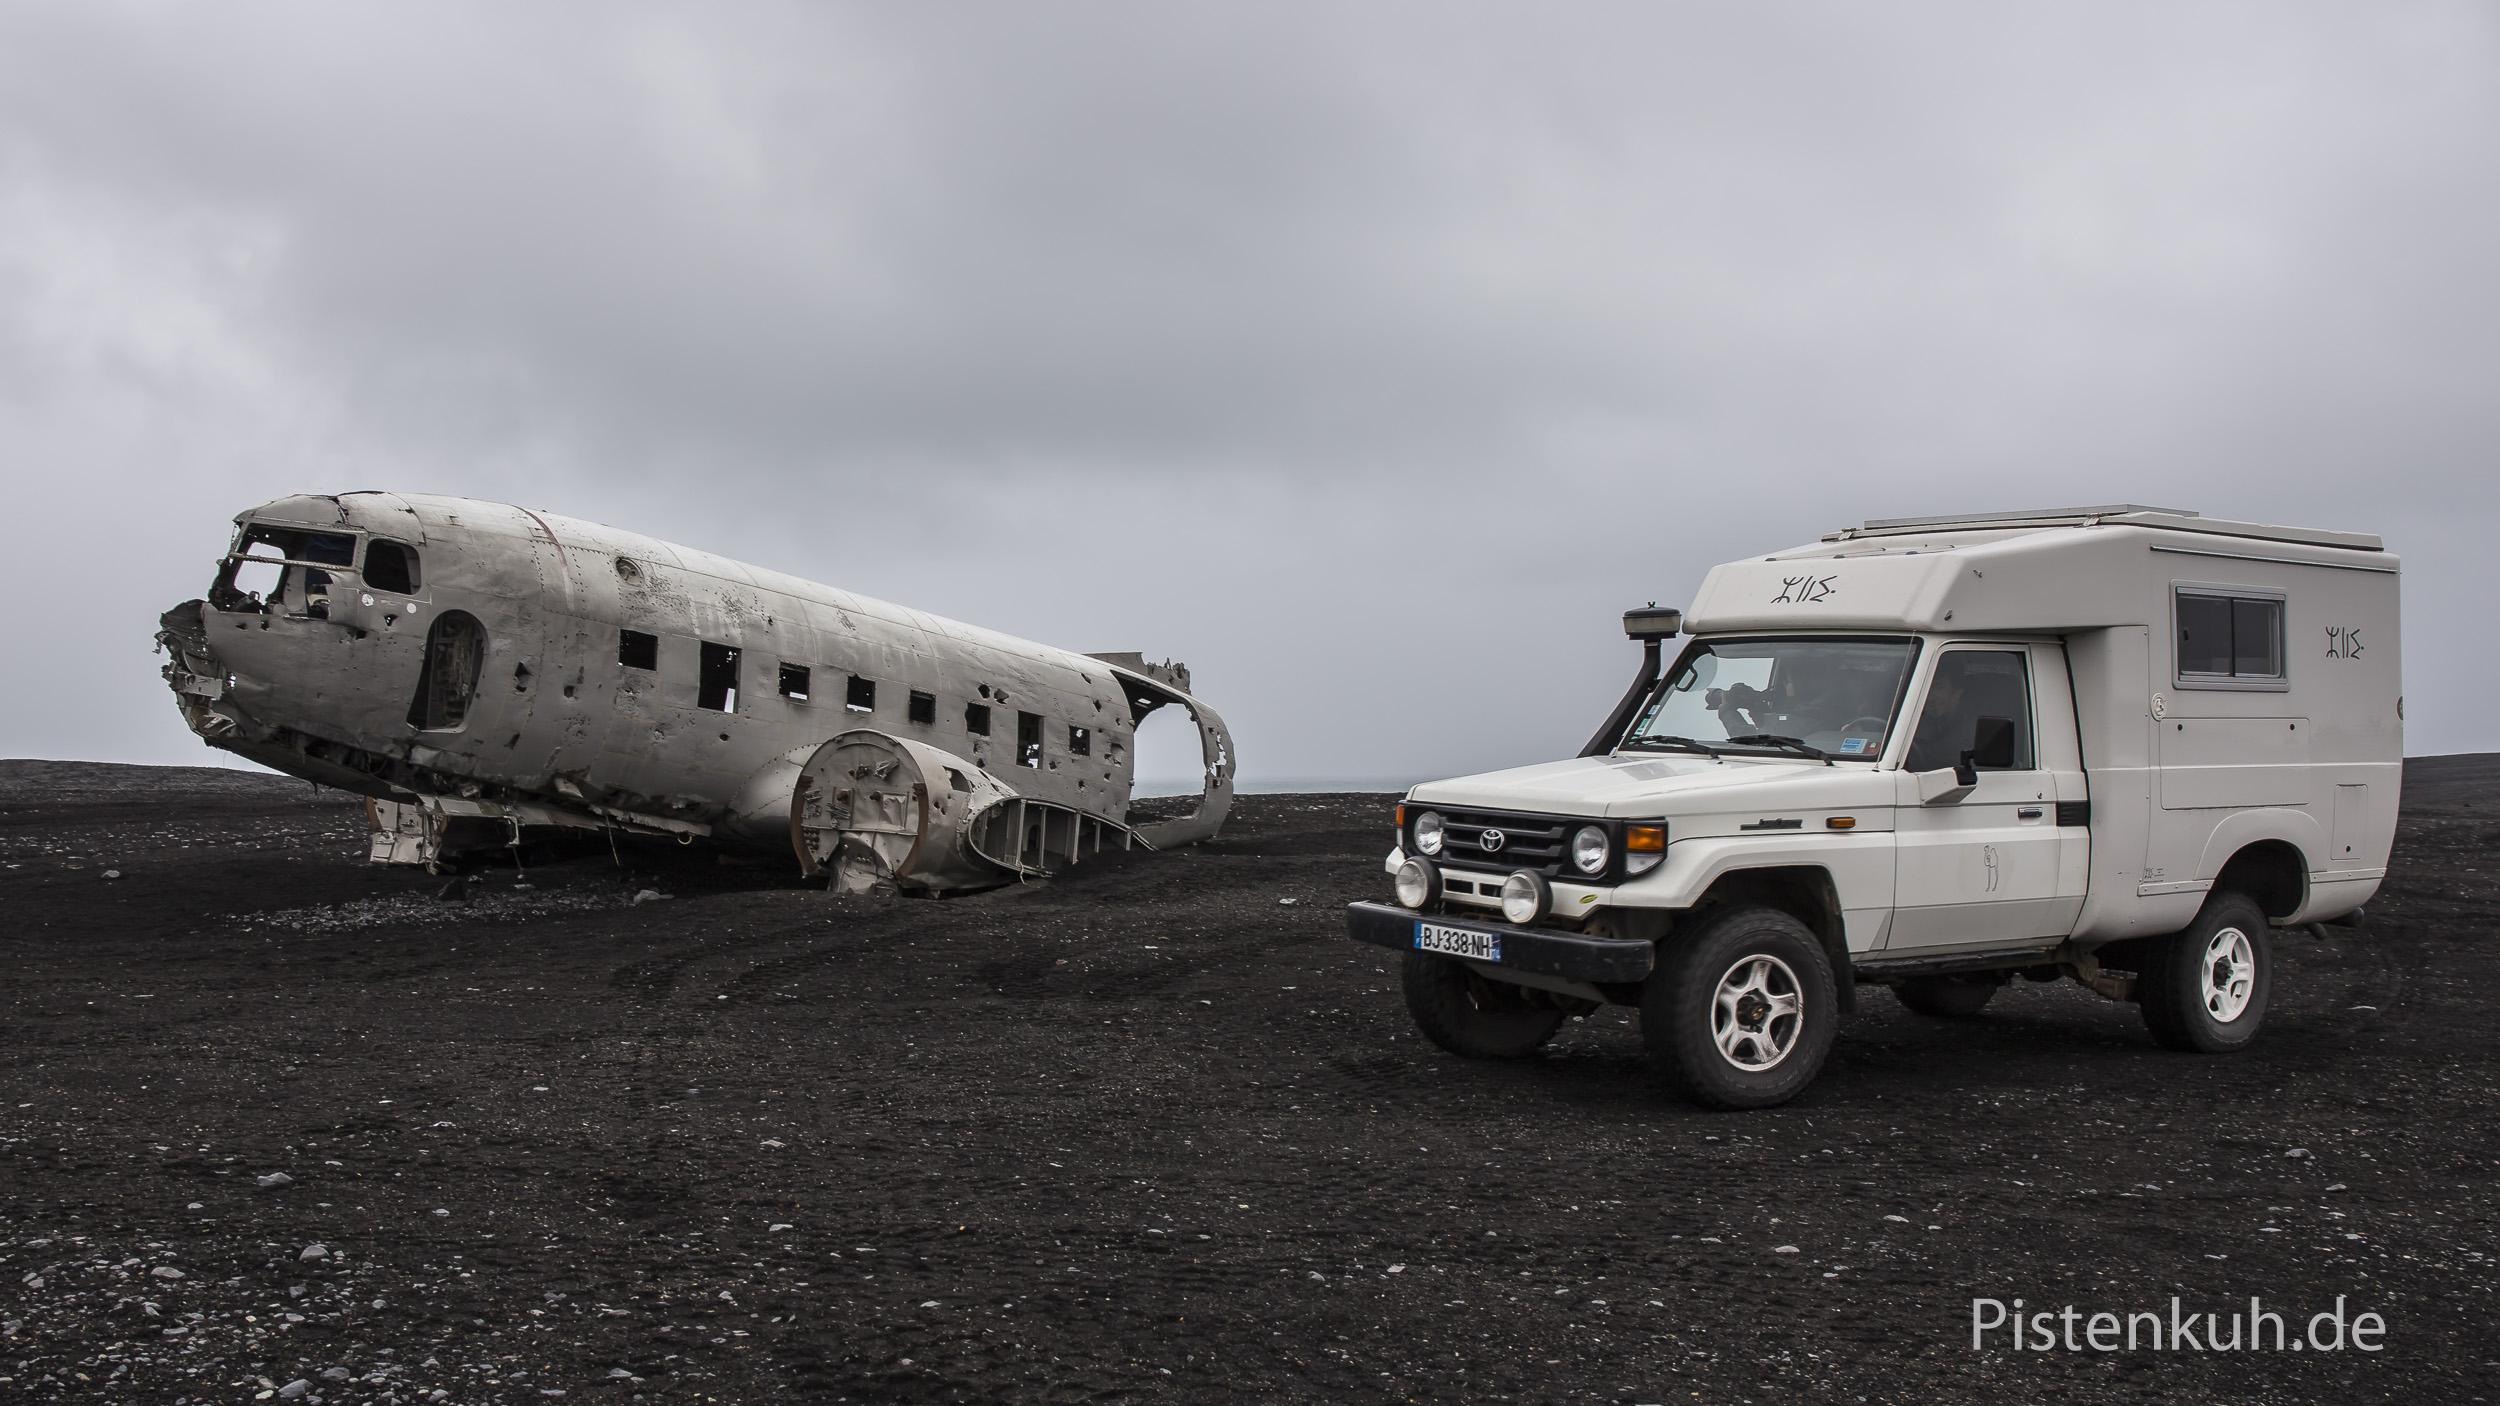 Land-Cruiser-HZJ79-Abenteuer